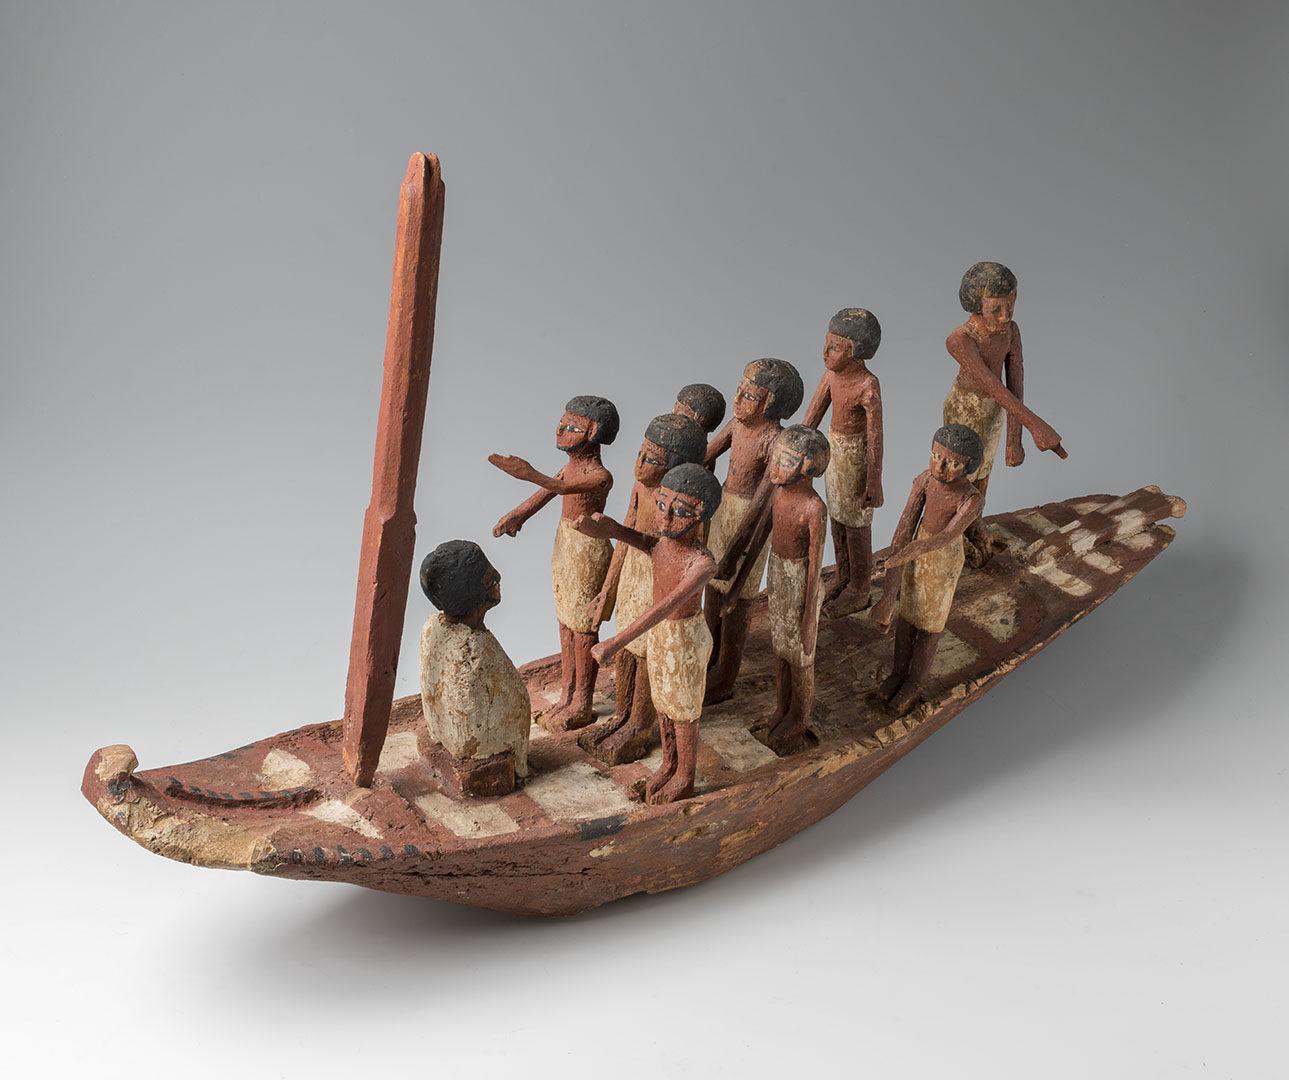 Puusta valmistettu veneen pienoismalli, noin 2000-1600 eaa.